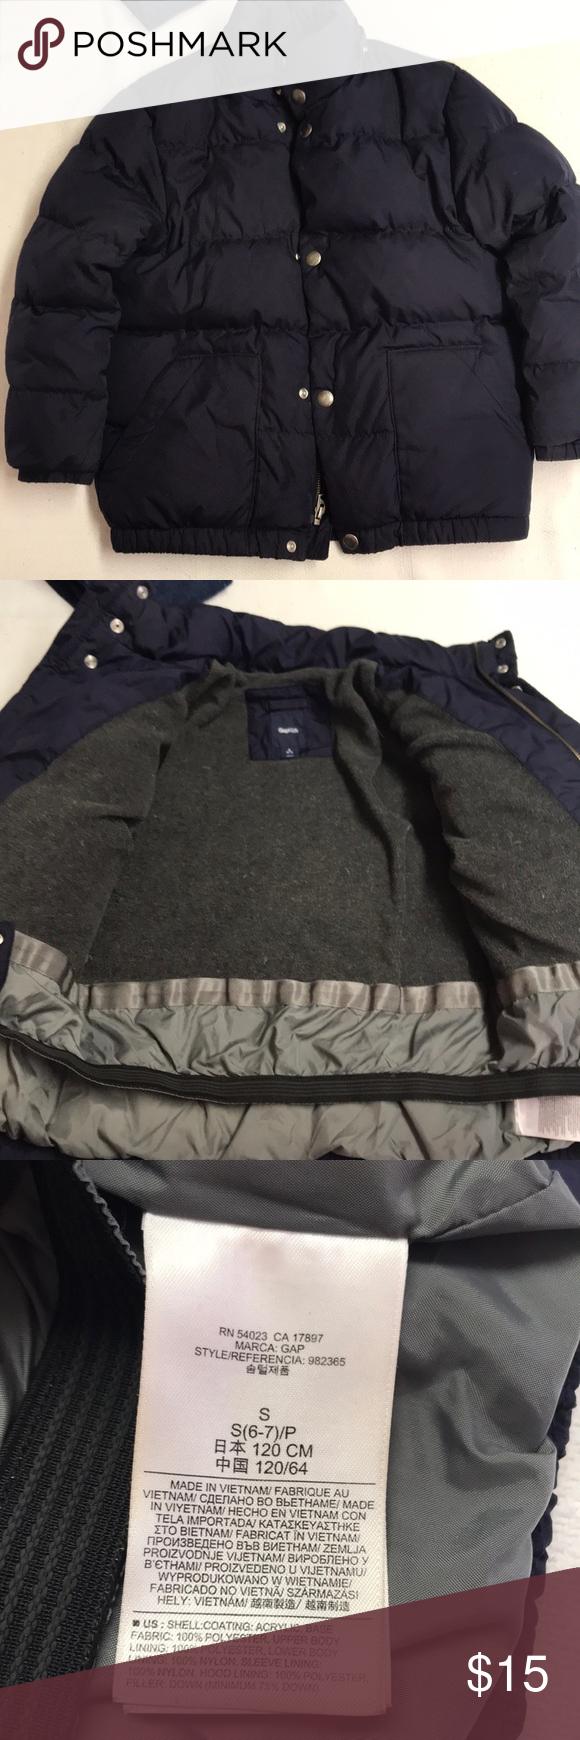 Gap Puffer Jacket For Boys Puffer Jackets Gap Jacket Puffer [ 1740 x 580 Pixel ]